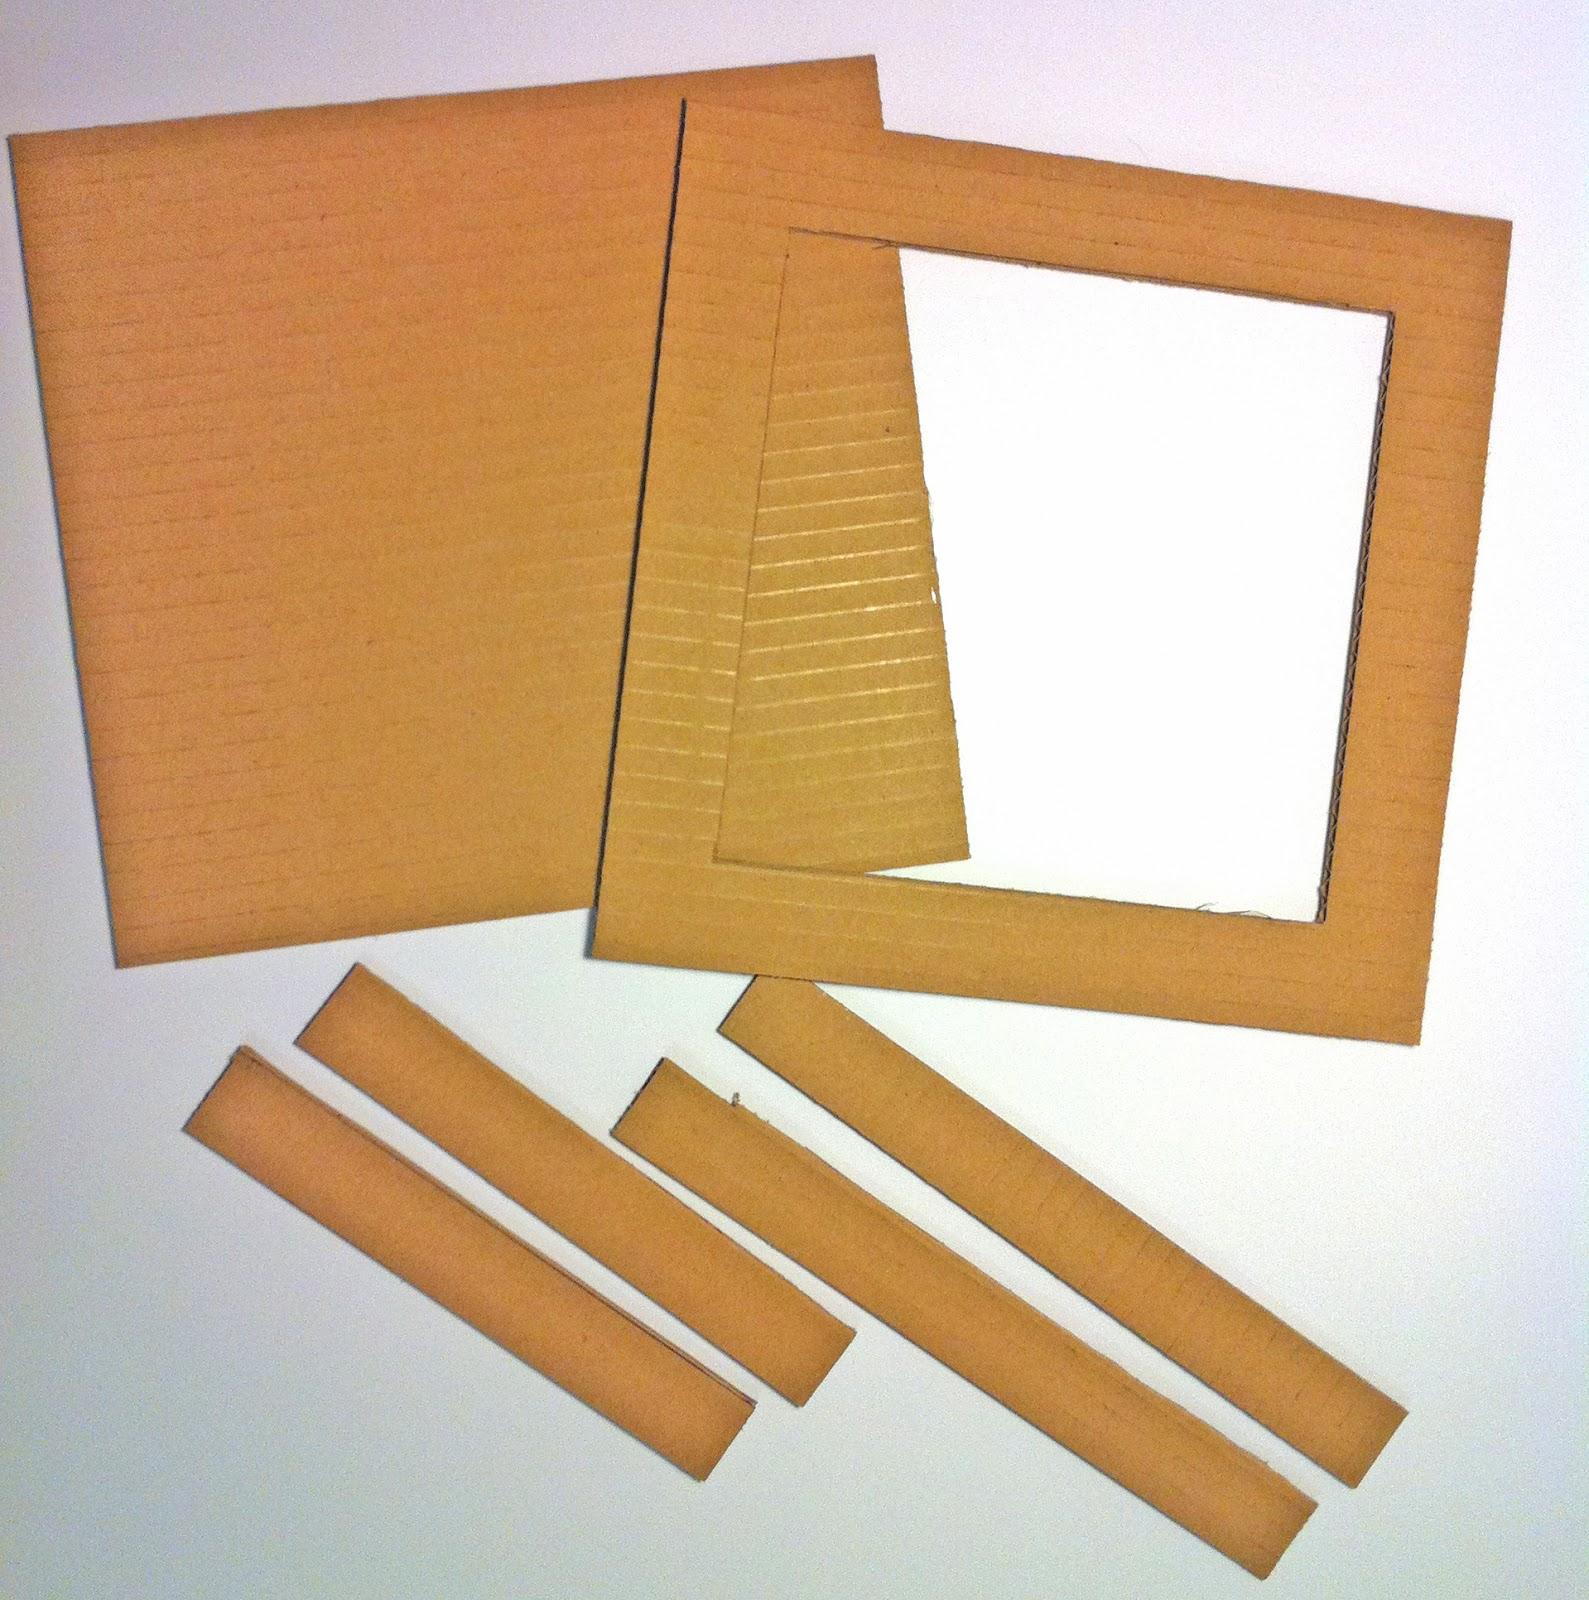 Como hacer un marco de fotos con carton for Hacer marcos para cuadros economicos